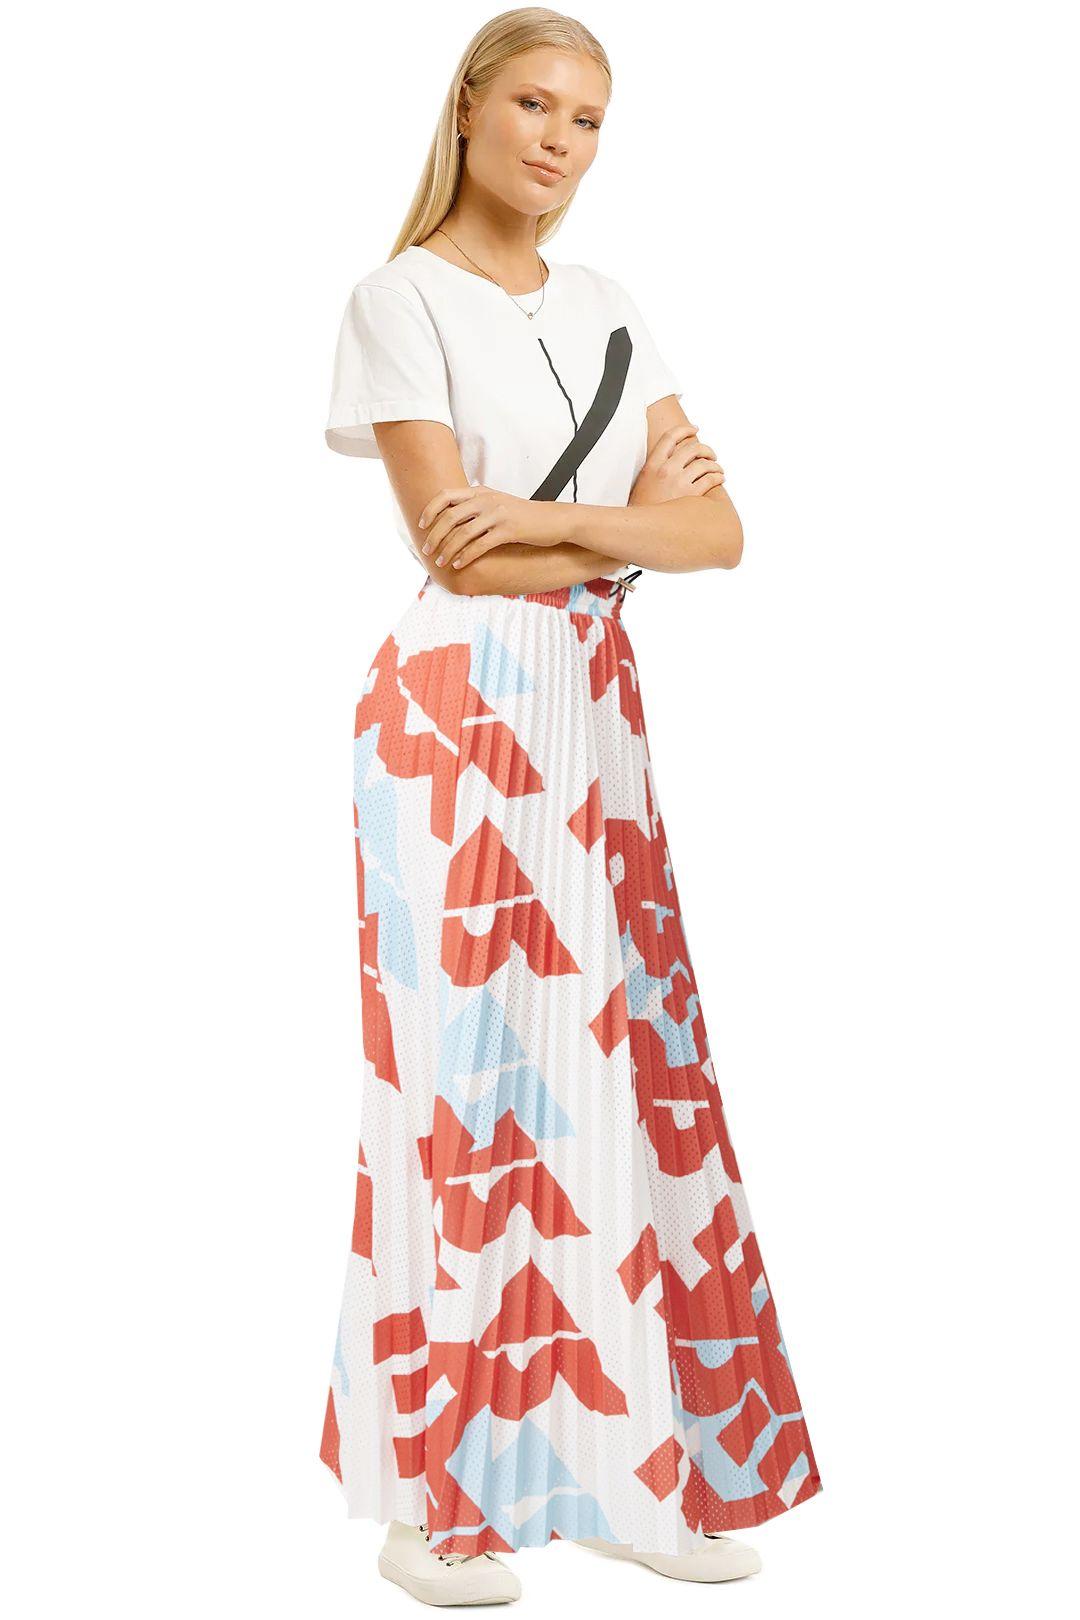 PE-Nation-Short-Corner-Skirt-Side